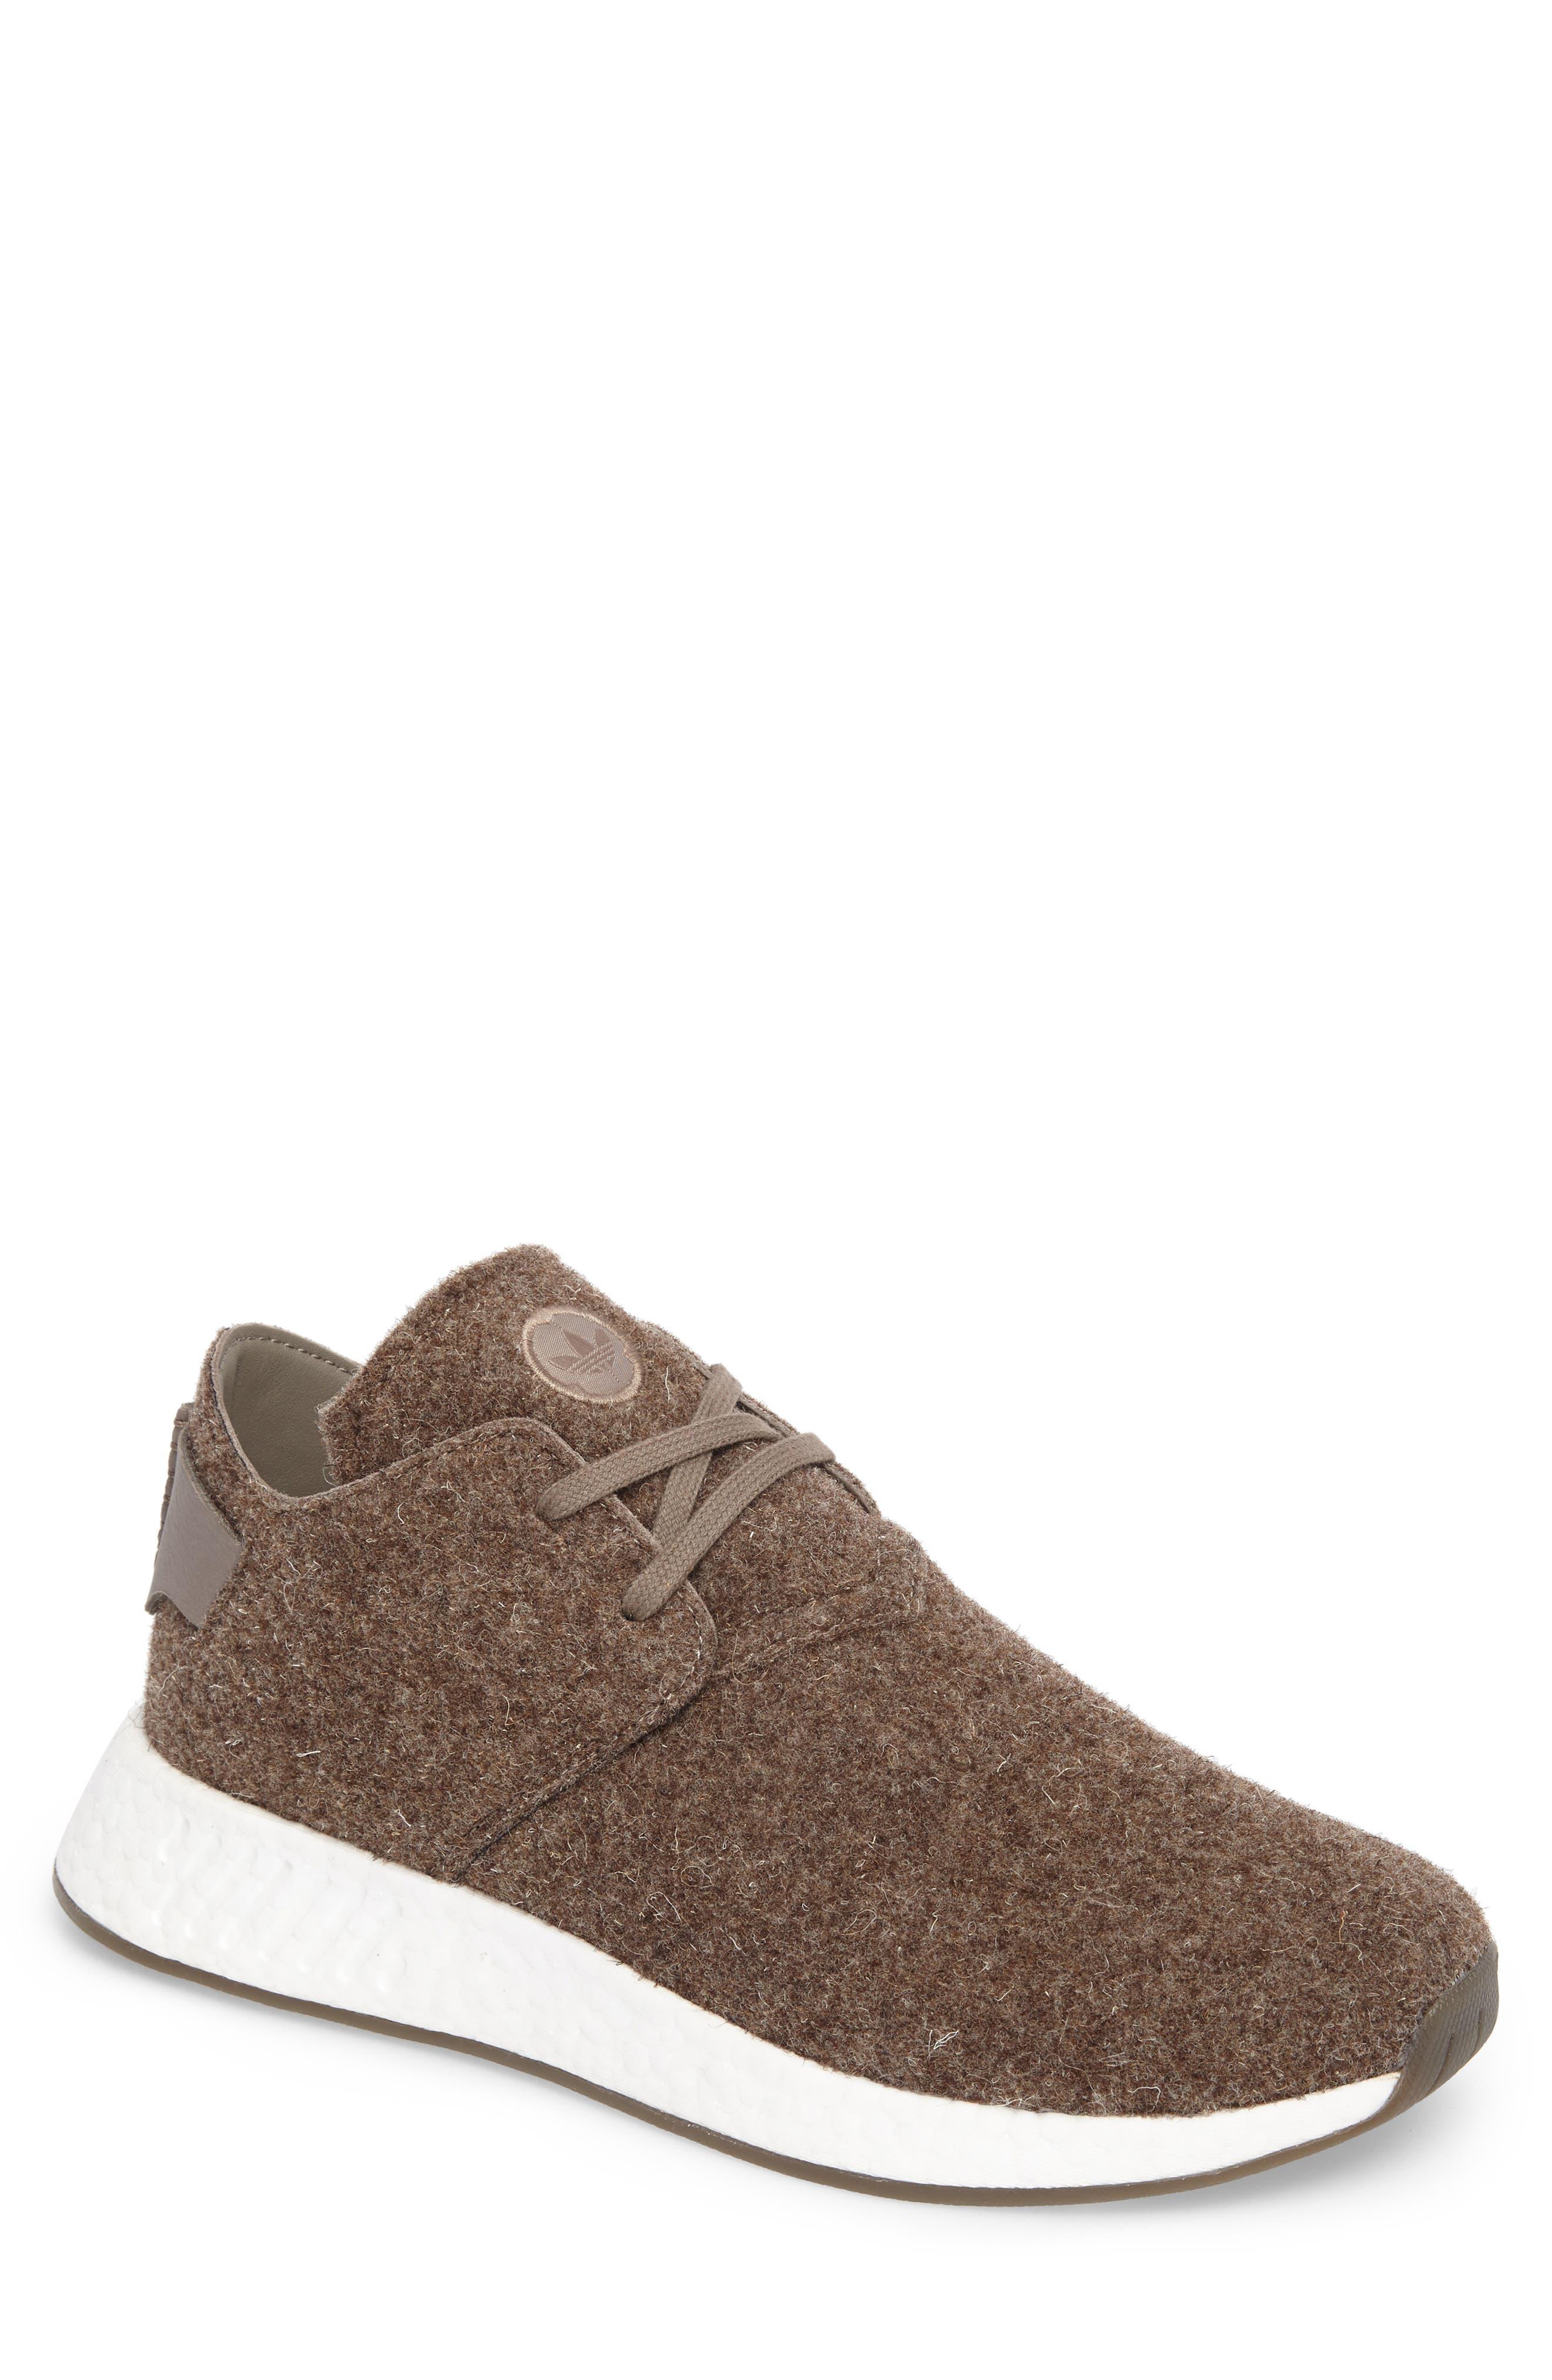 NMD C2 Sneaker (Men0,                         Main,                         color, Simple Brown/ Gum